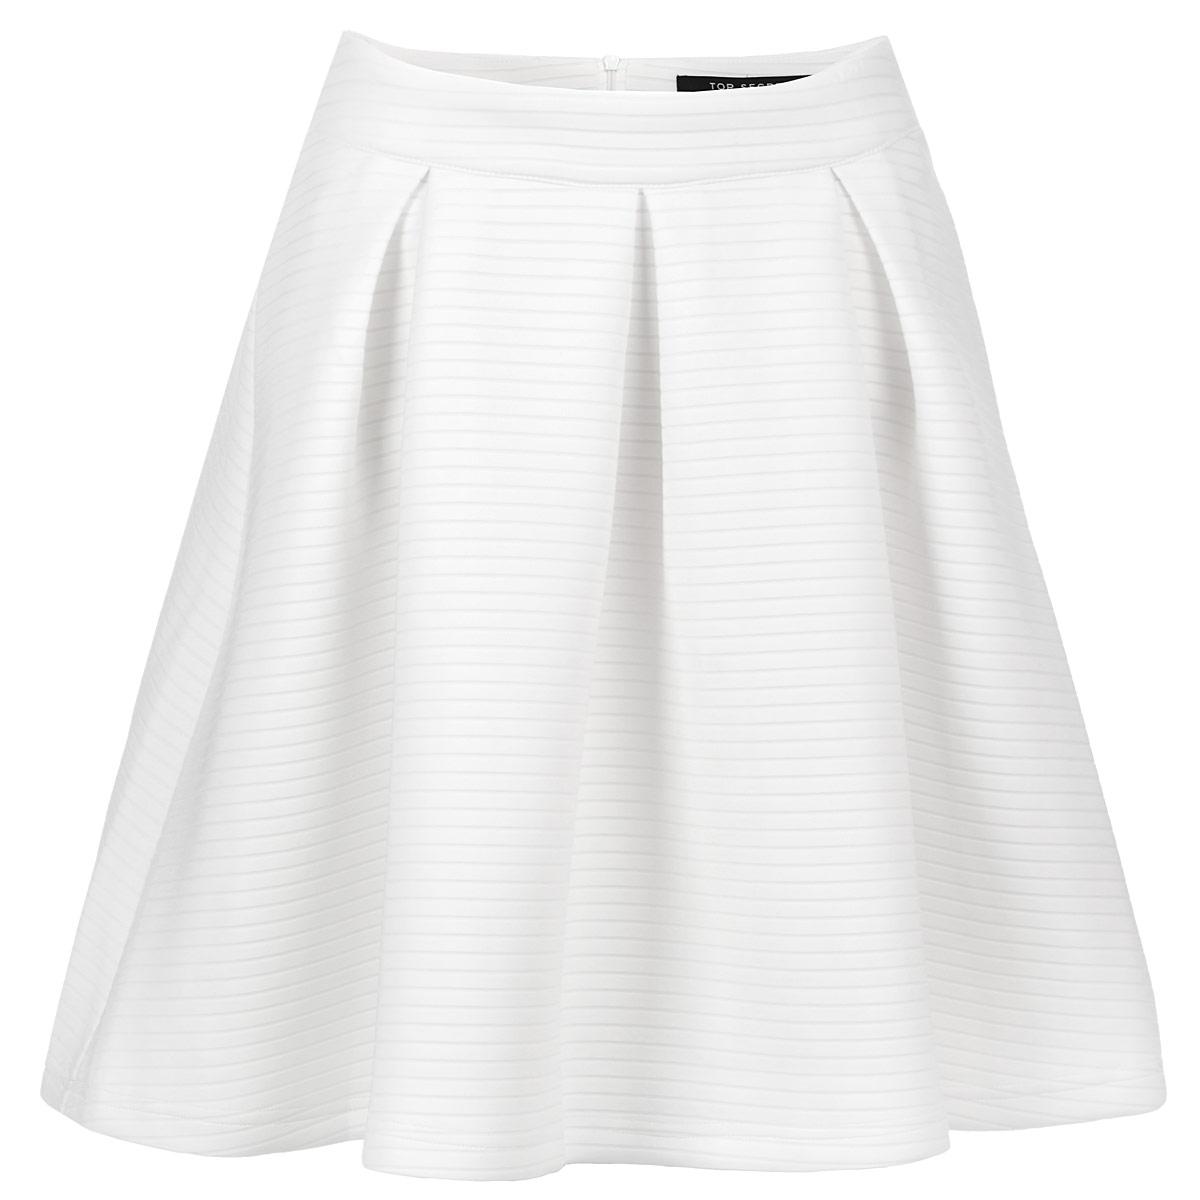 ЮбкаSSD0776BIСтильная юбка Top Secret изготовлена из полиэстера с добавлением эластана. Подкладка выполнена из полиэстера. Юбка расклешенного кроя, на широком поясе. Сзади застегивается на потайную молнию. Эта модная и в тоже время комфортная юбка - отличный вариант на каждый день.